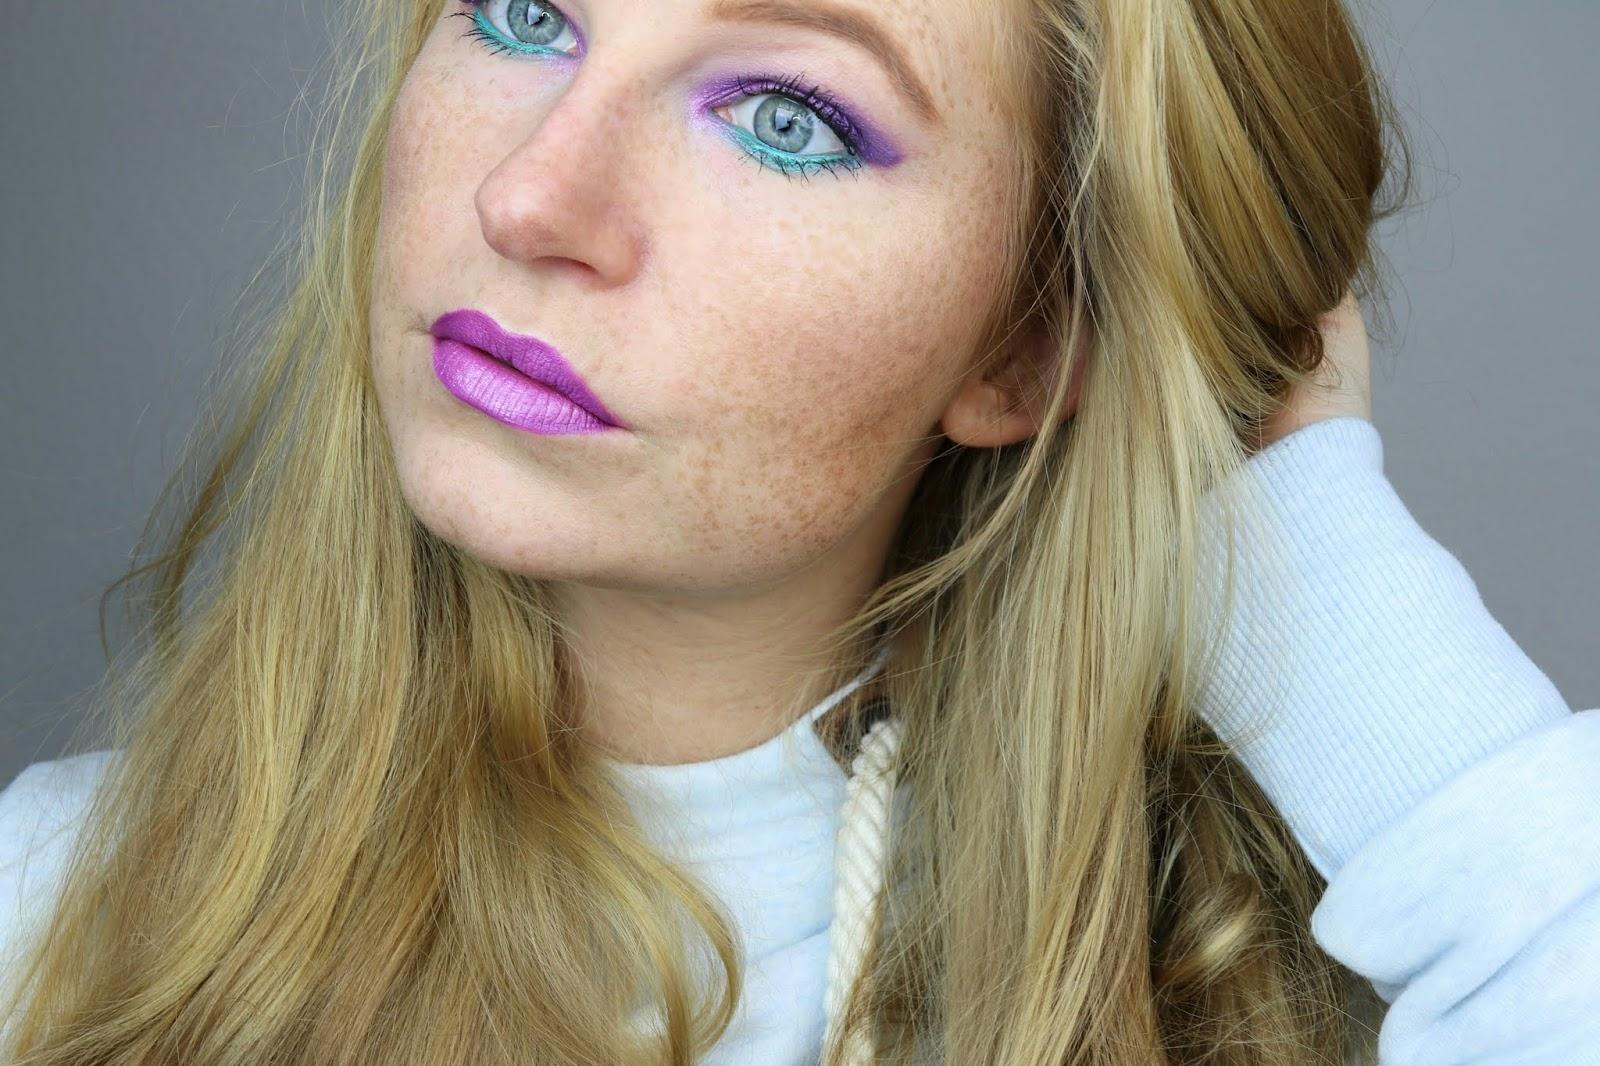 amu, beauty blogger hamburg, colourpop, effect topper, eyeshadow, hatice schmidt, lidschatten, lidschatten 1×1 lila türkis, liquid lipstick, make-up, party look, Purple Turquoise, talasia.de blogparade,